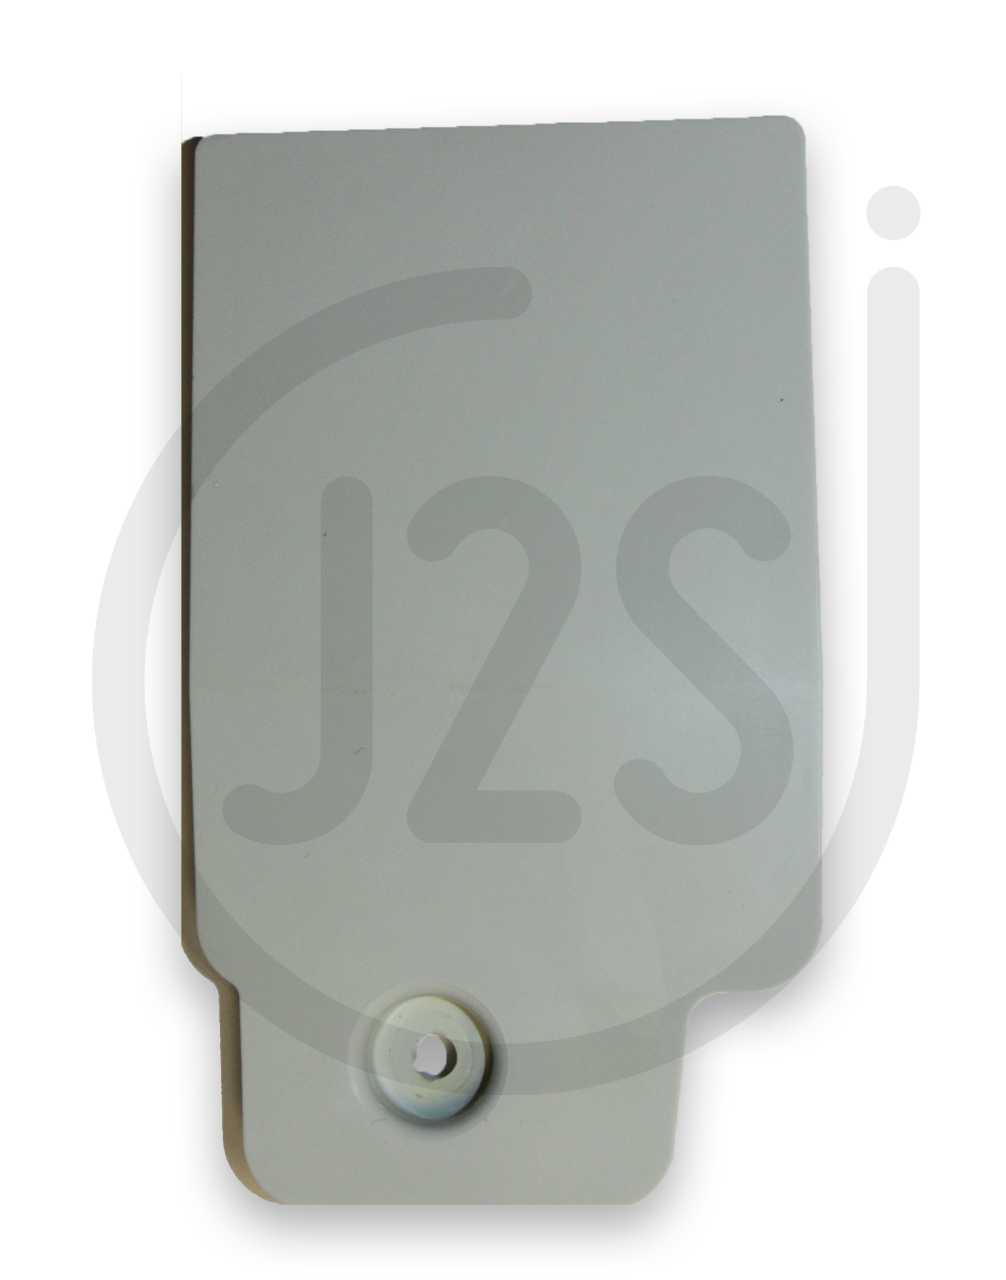 Plum A+ Battery Door Image